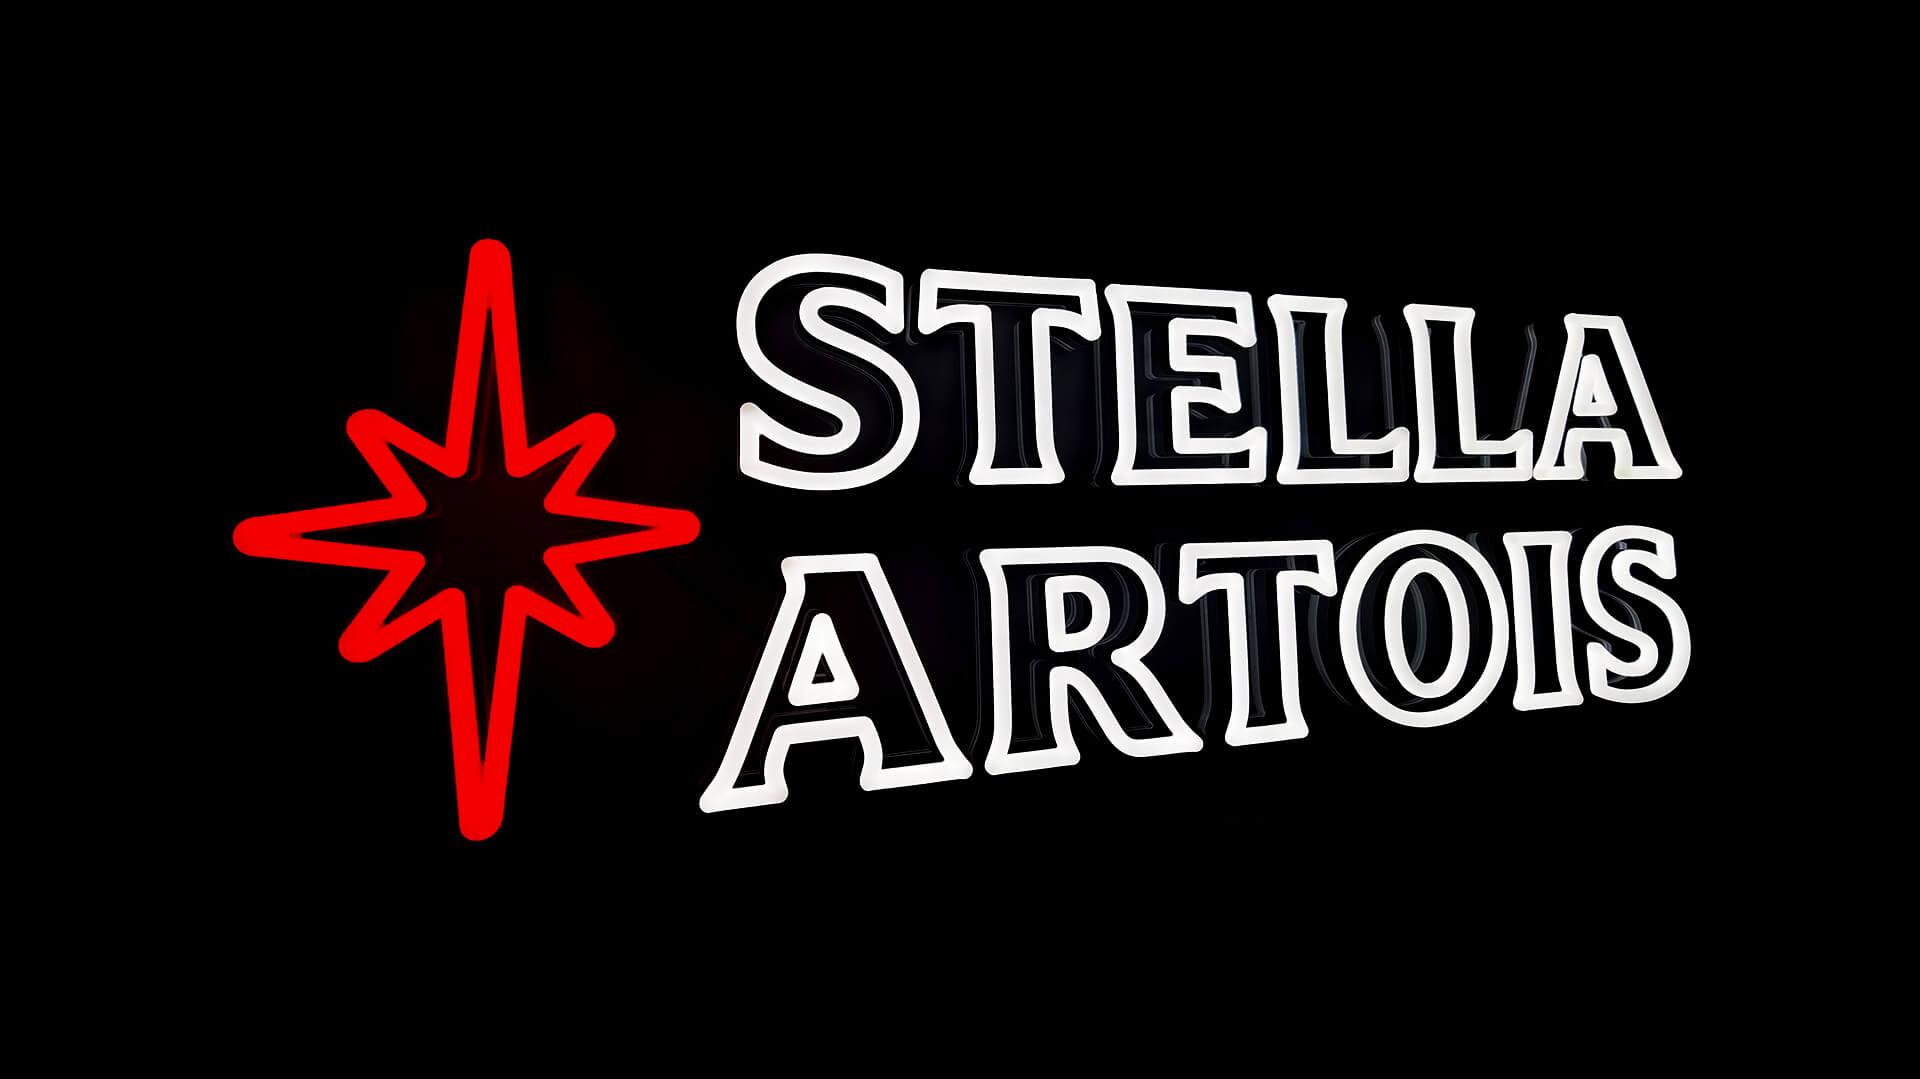 Stella Artois Beer Neon Sign